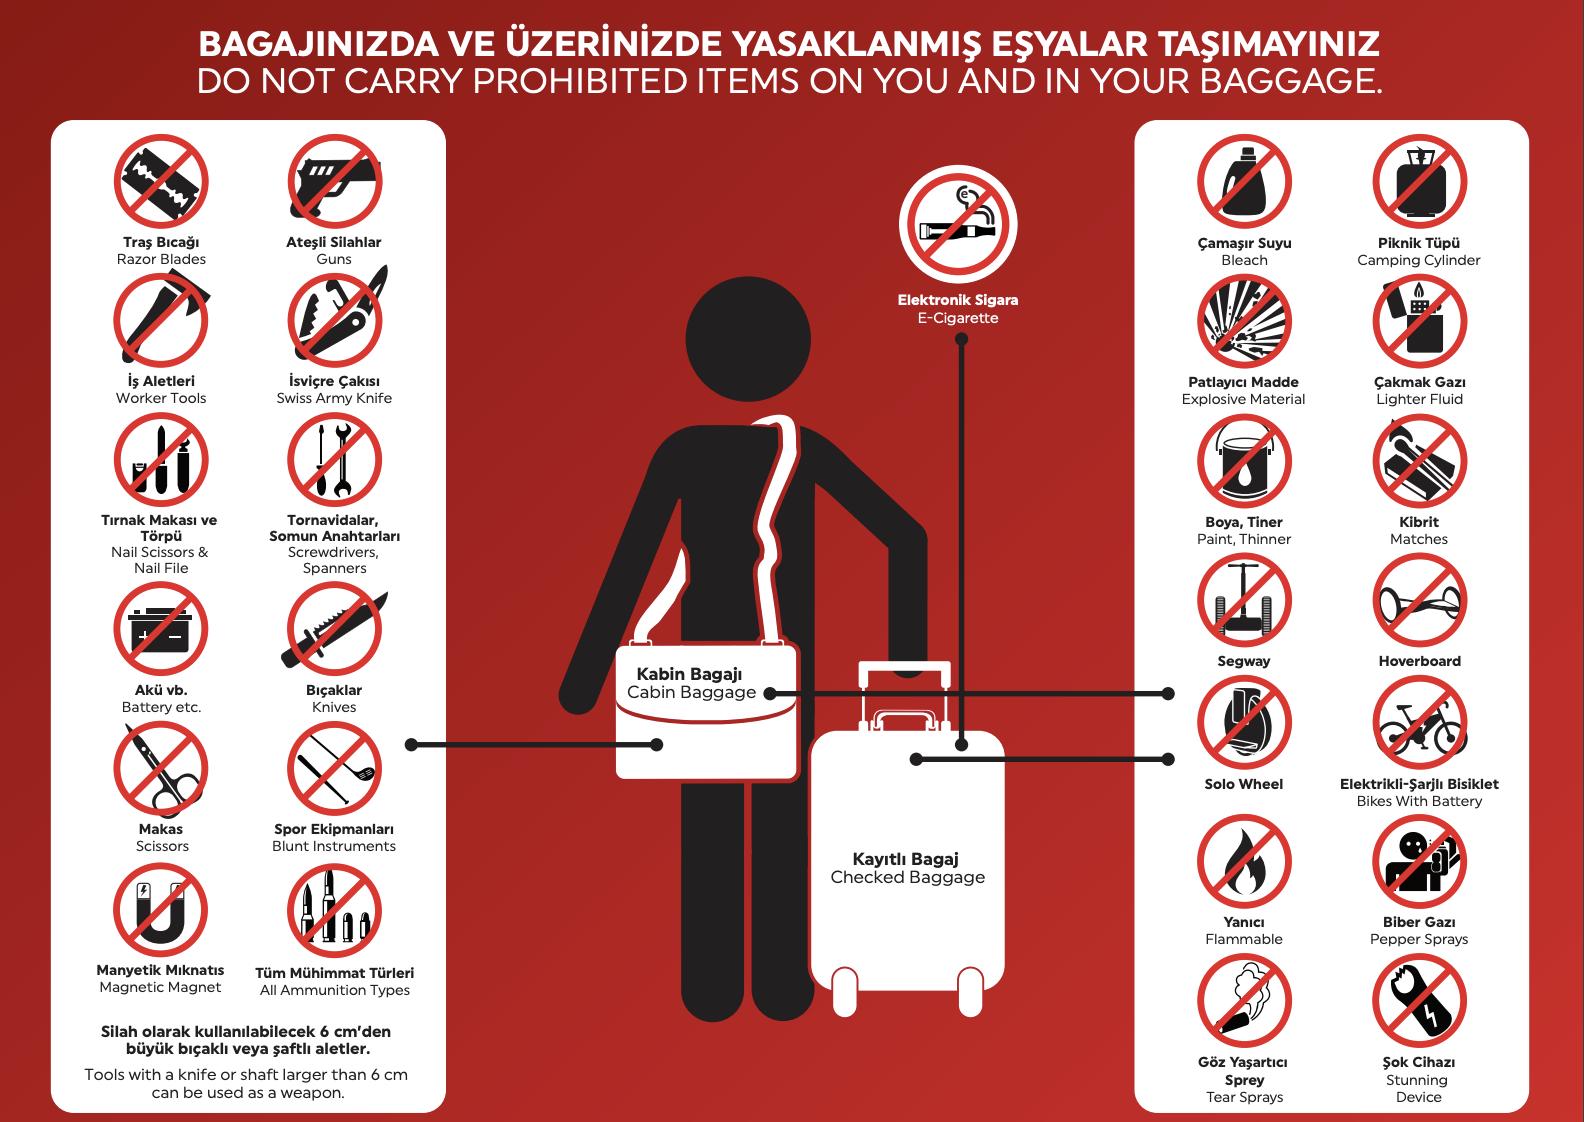 uçakta taşınması yasak olan bagaj ve eşyalar.